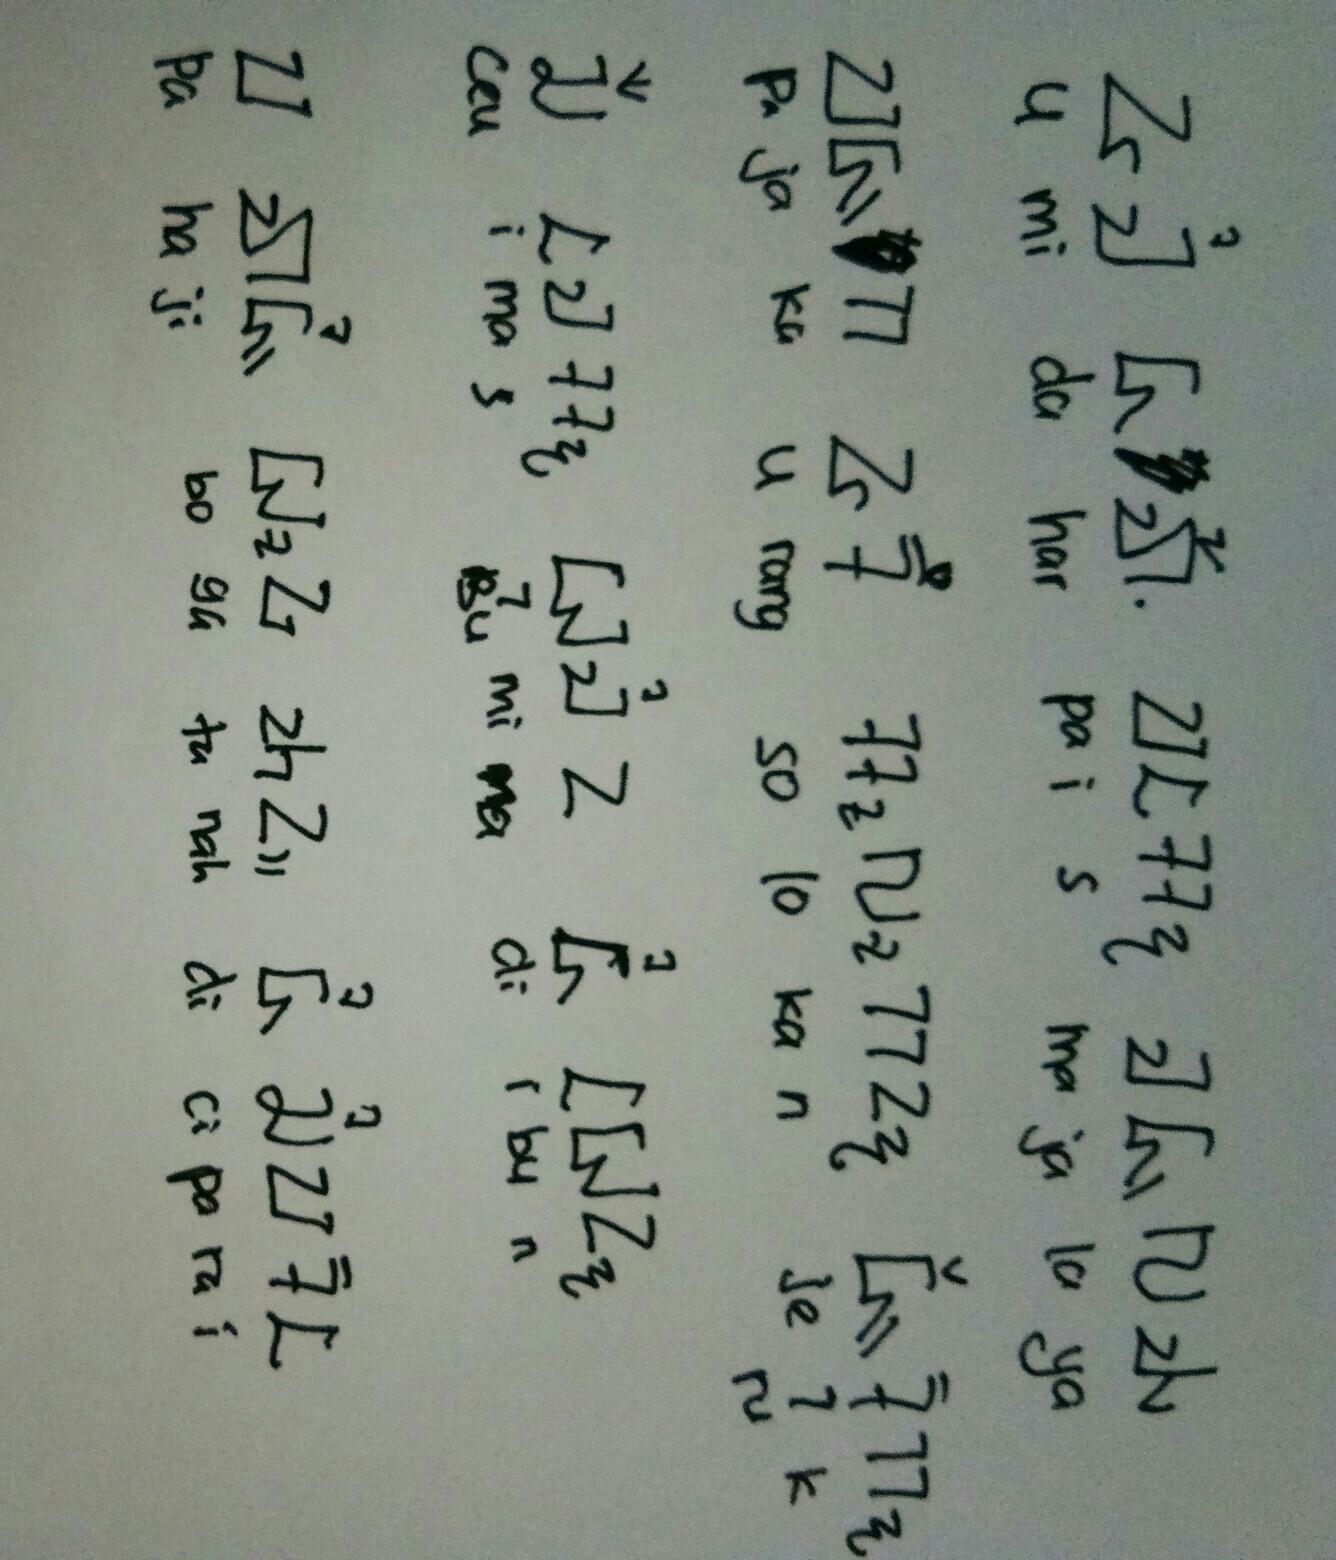 Belajar aksara sunda lengkap huruf angka rarangkencontoh kalimat sejarah. Contoh Soal Aksara Sunda Dan Jawabannya